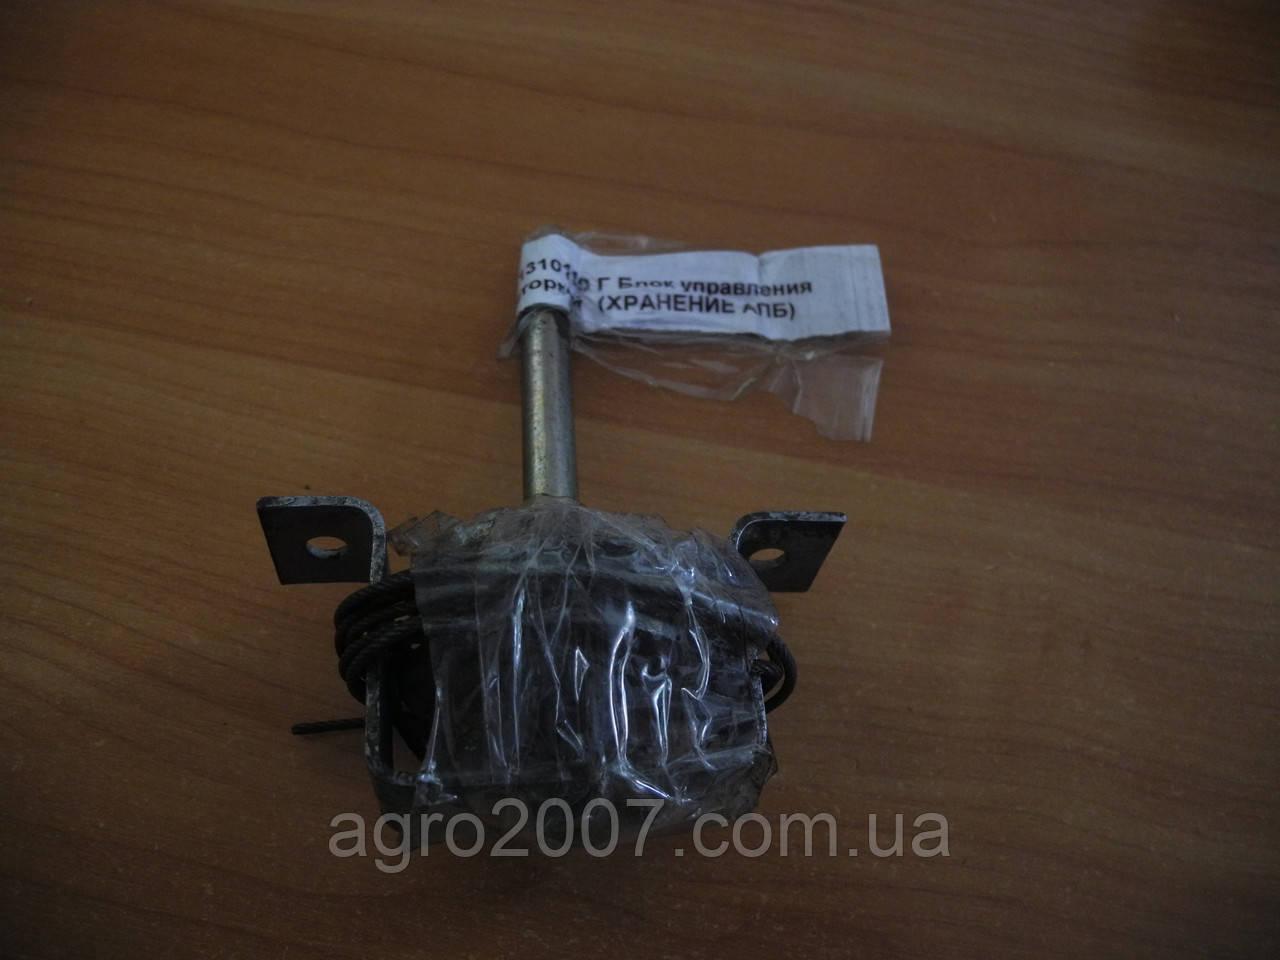 Блок управления шторкой ЮМЗ 45Т-1310110